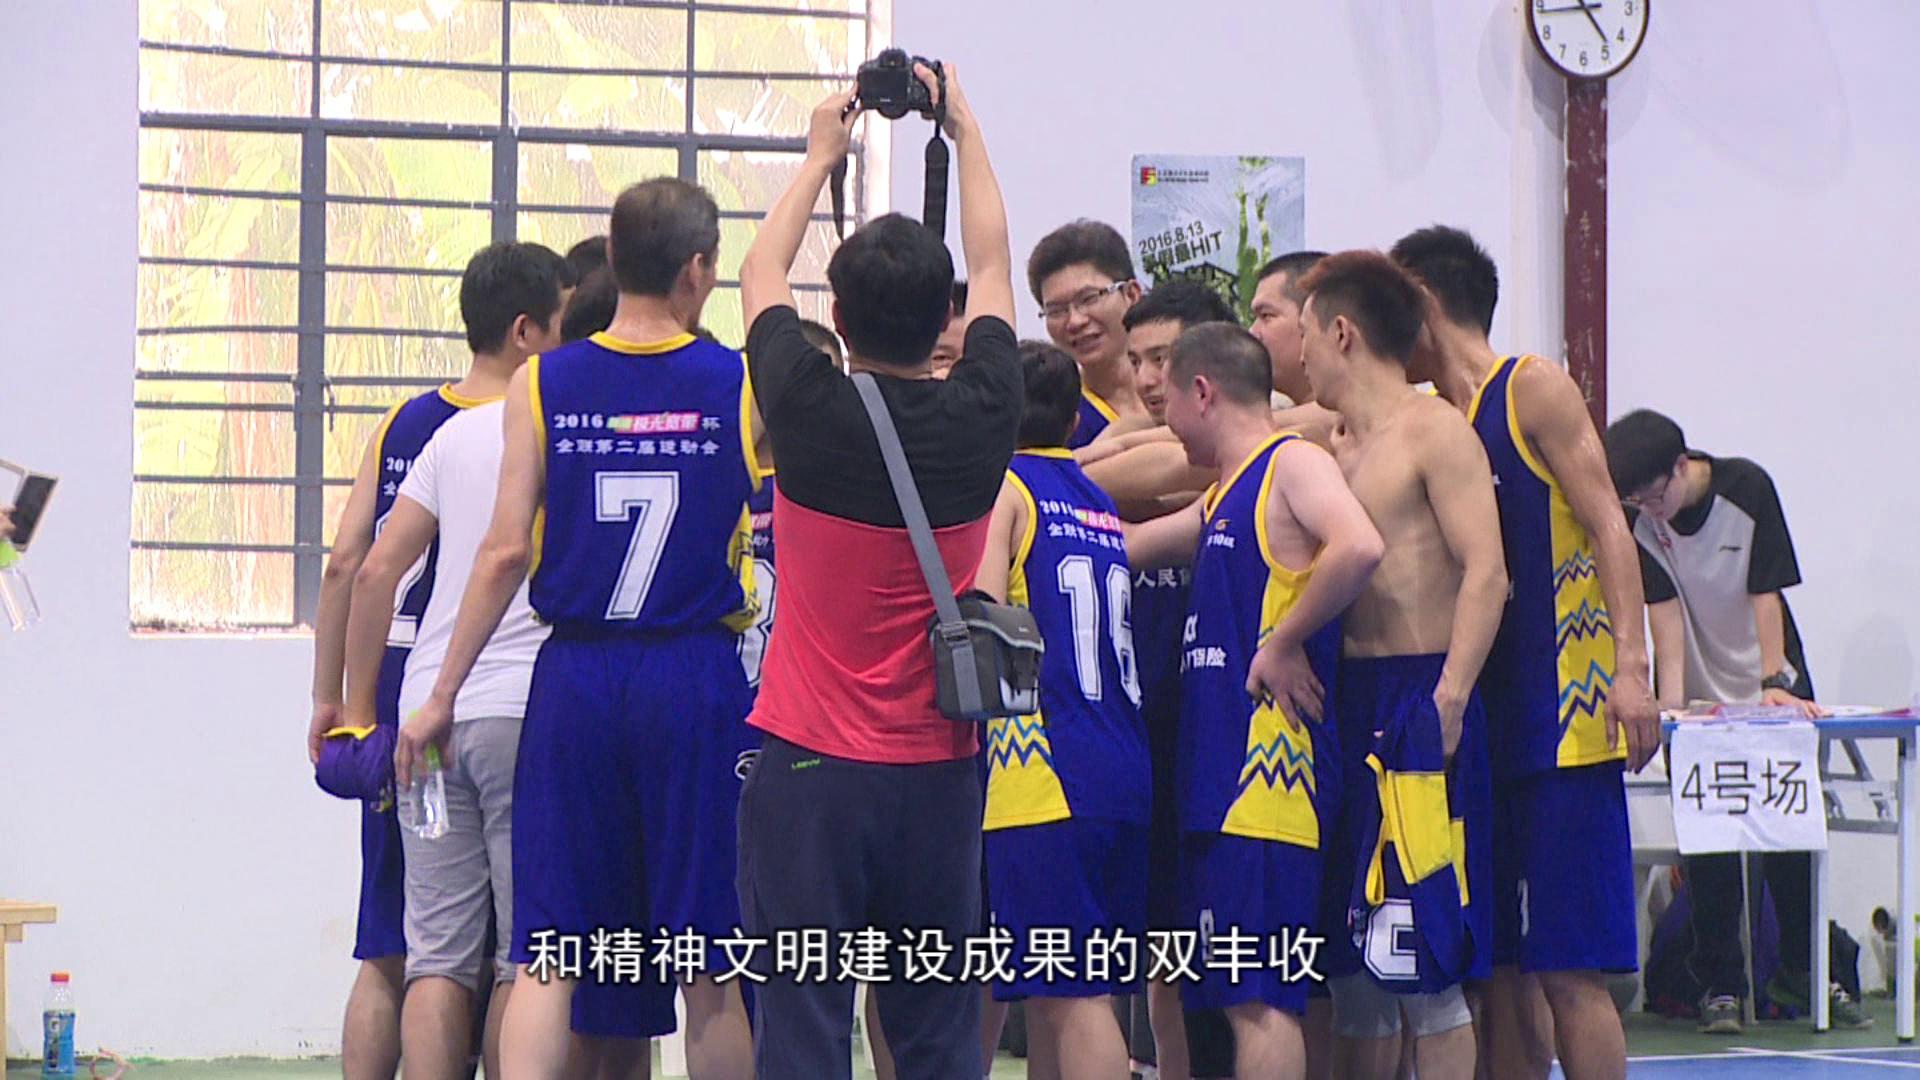 肇庆企协第二届运动会成功闭幕